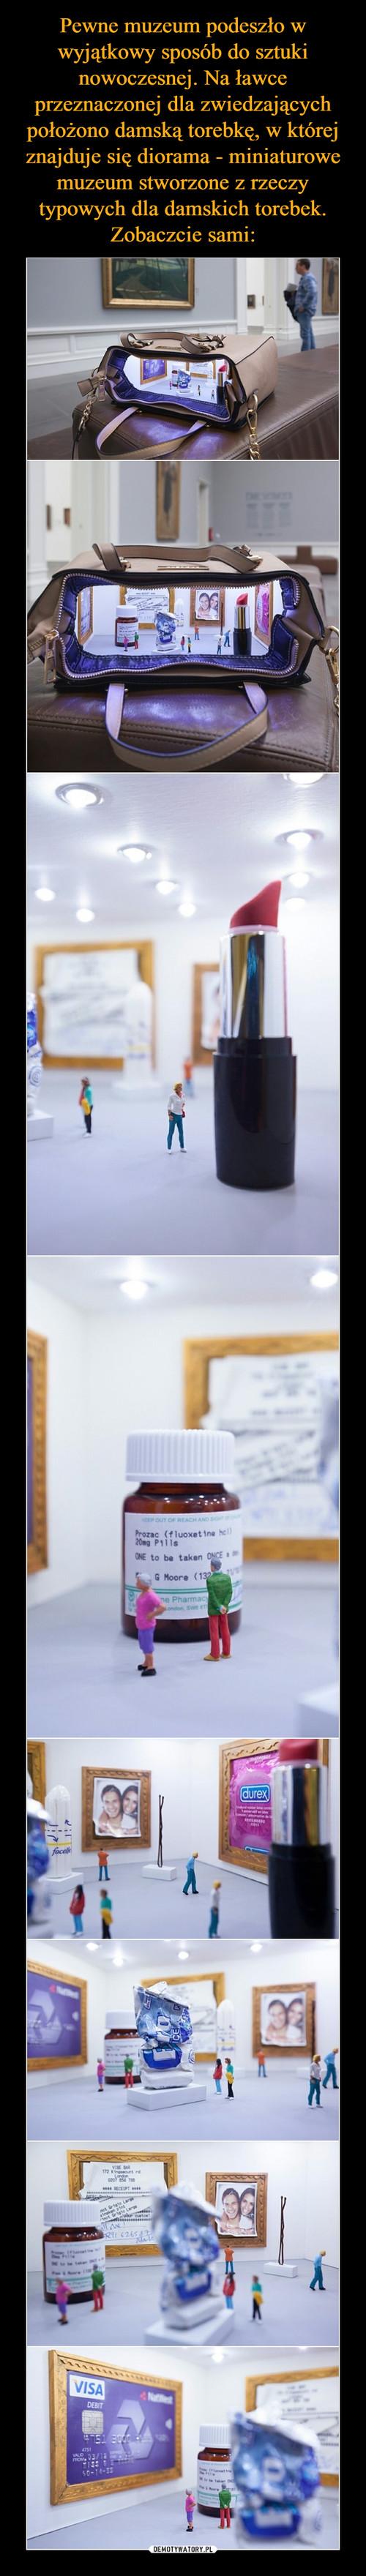 Pewne muzeum podeszło w wyjątkowy sposób do sztuki nowoczesnej. Na ławce przeznaczonej dla zwiedzających położono damską torebkę, w której znajduje się diorama - miniaturowe muzeum stworzone z rzeczy typowych dla damskich torebek. Zobaczcie sami: